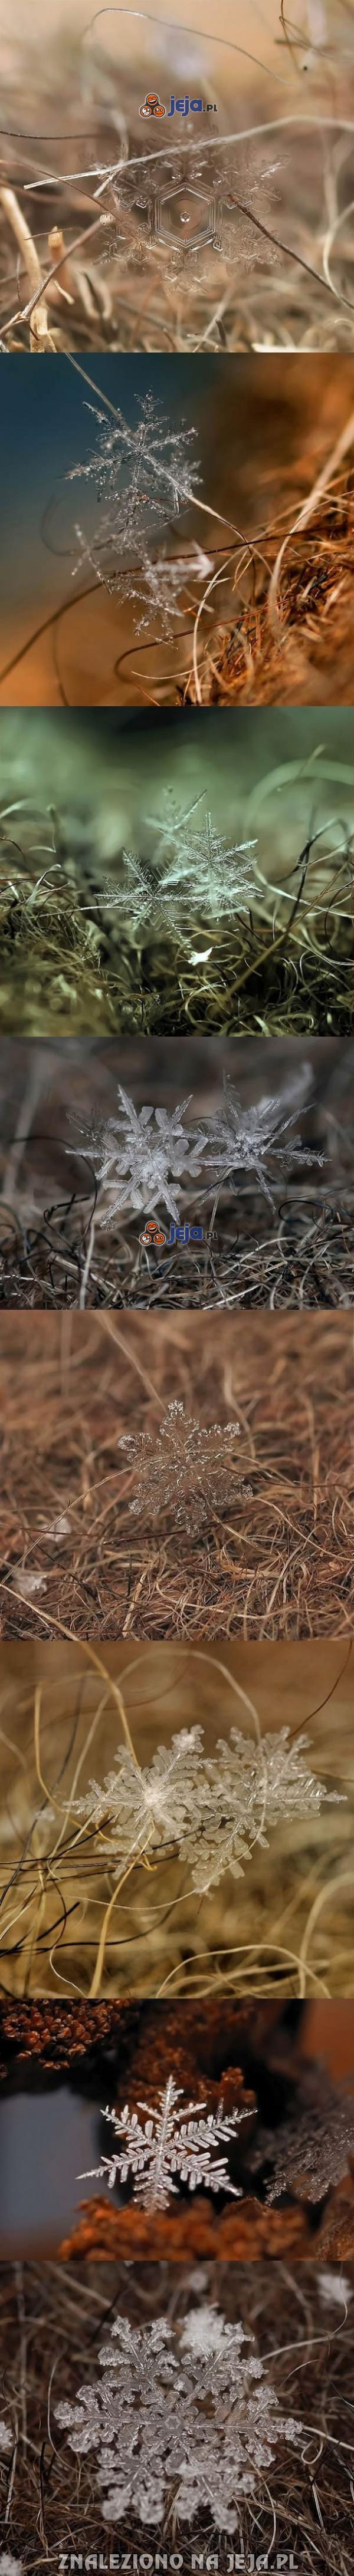 Płatki śniegu uchwycone przed roztopieniem się